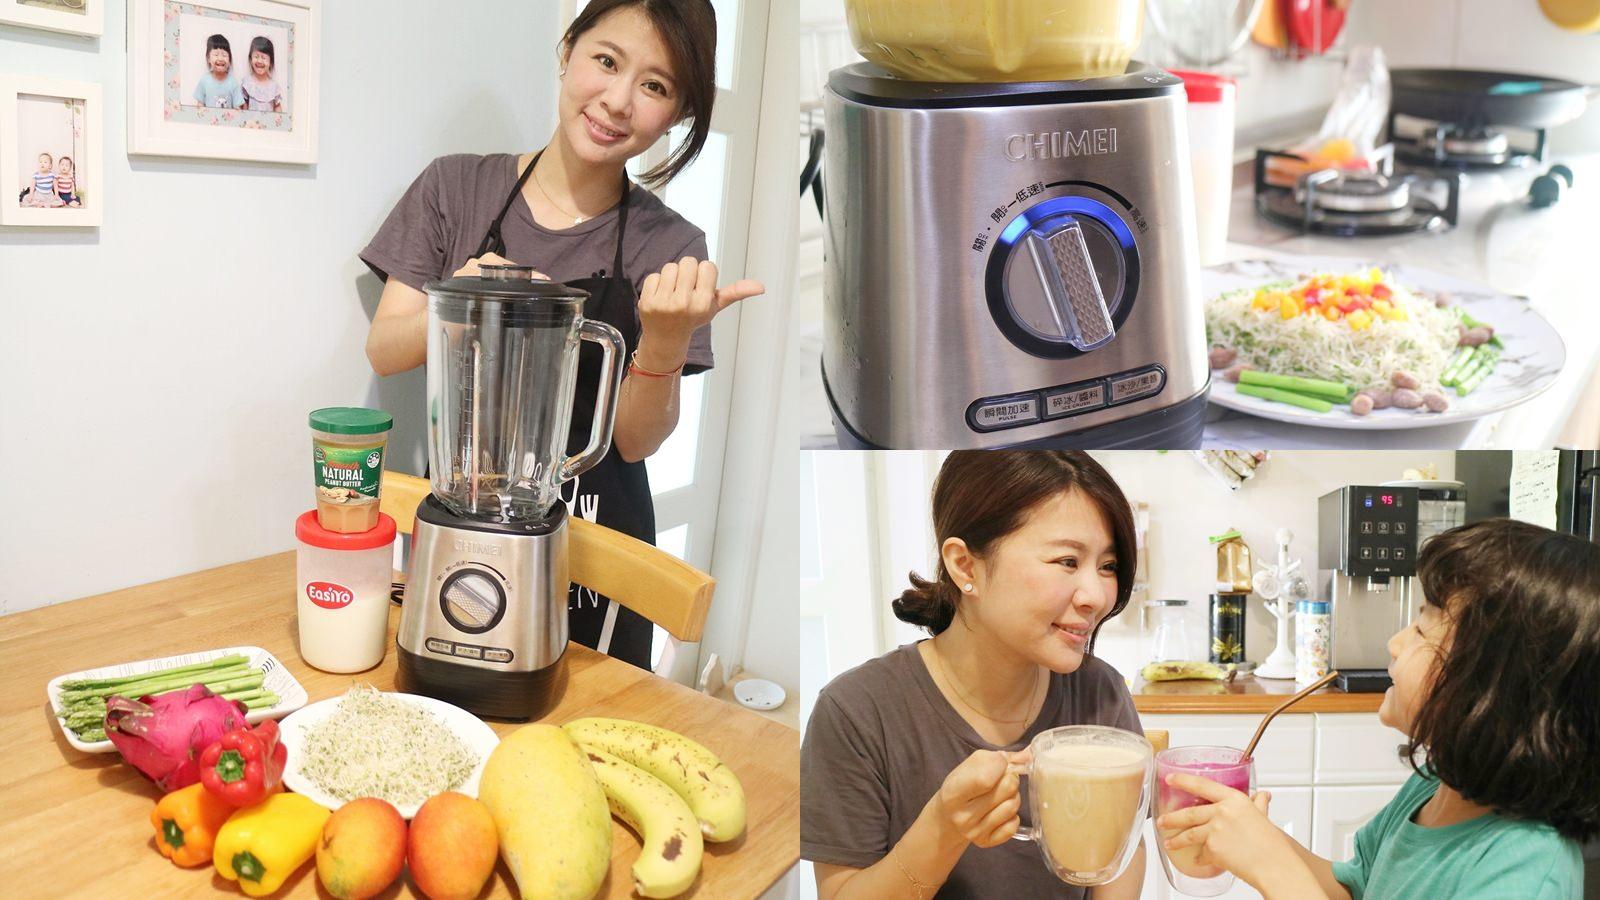 奇美好偏心纖活果汁機 超強高效能不只是果汁機 媽咪們的最愛 (冰沙/果昔/醬料/碎冰通通都好用)